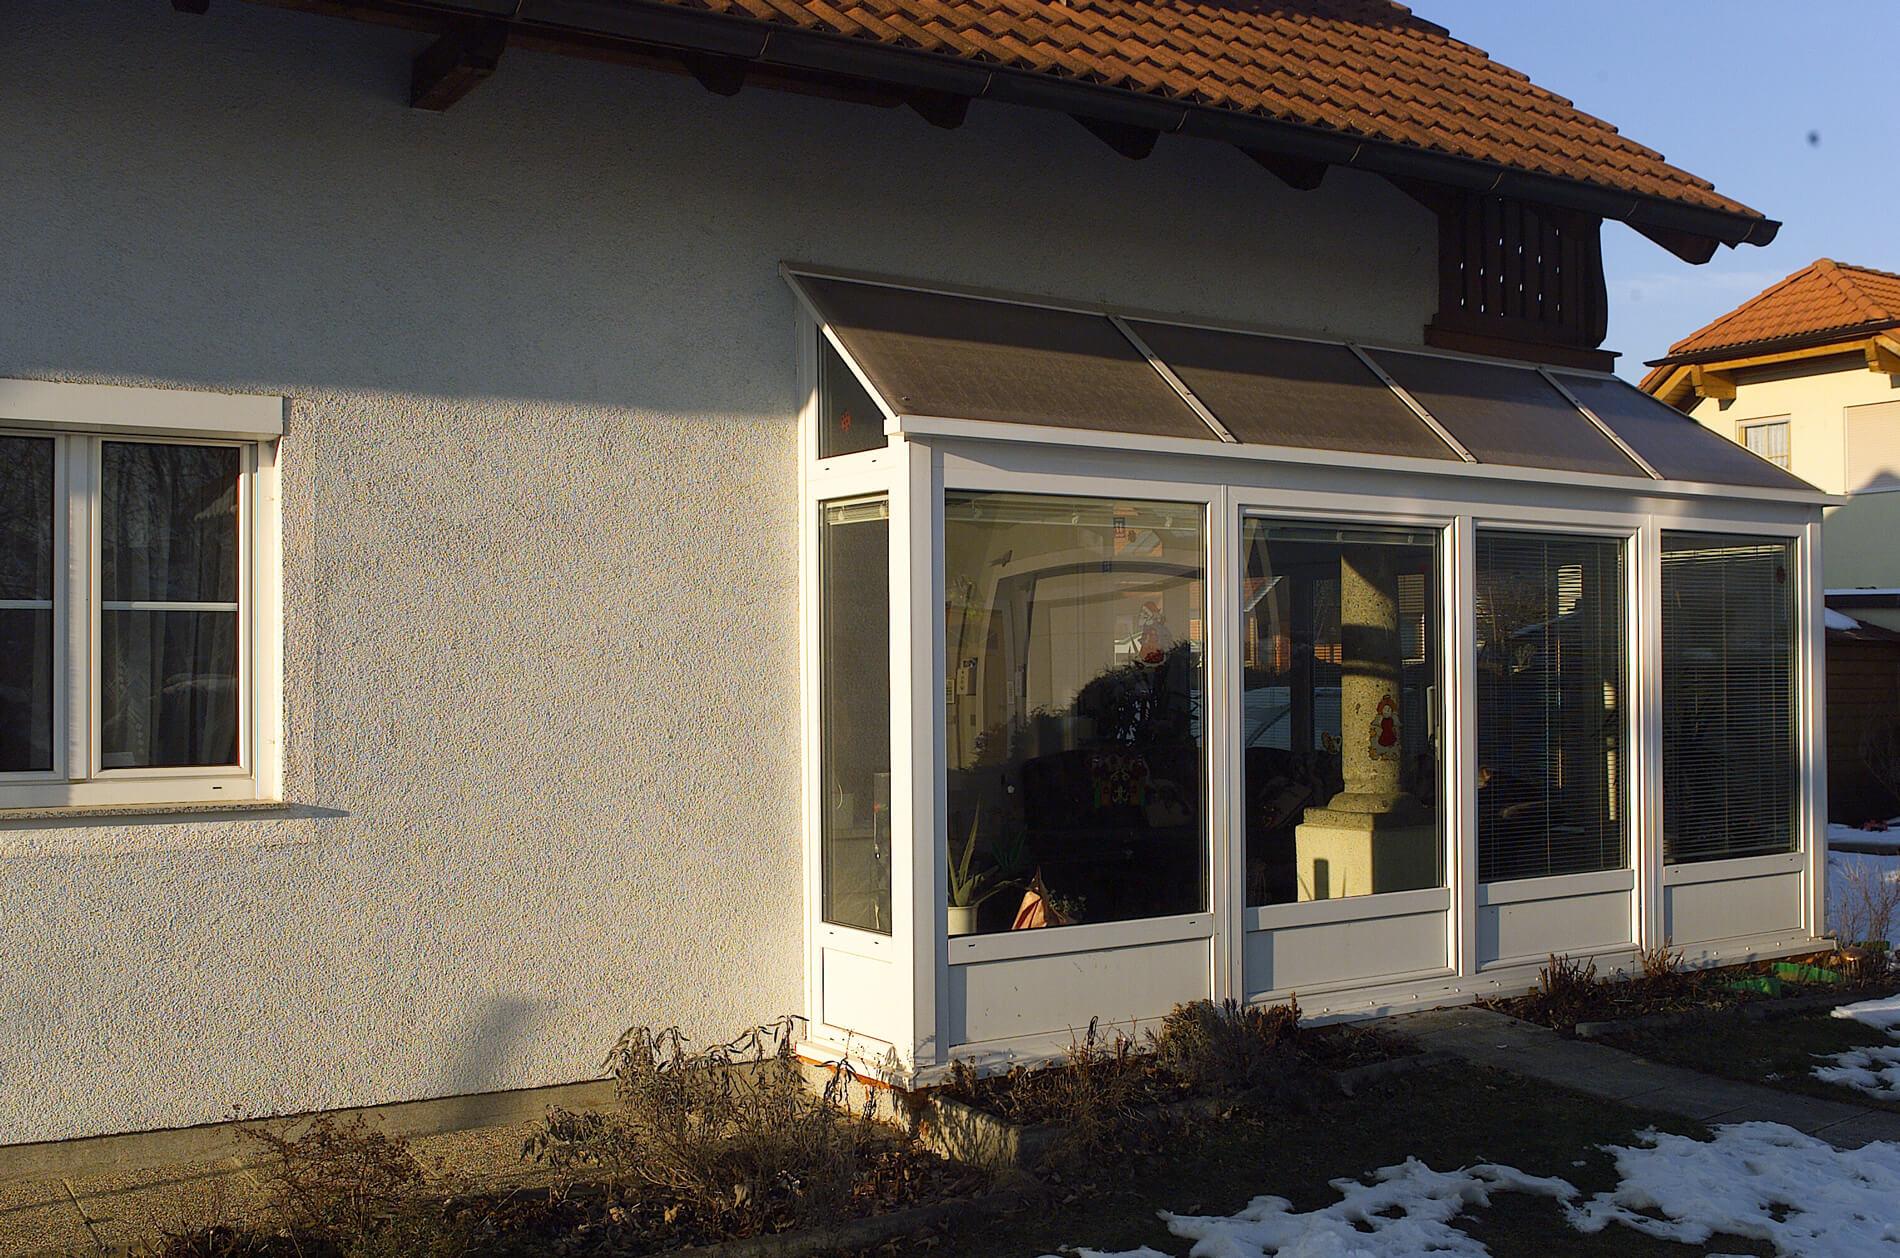 wintergarten mit pultdach konstruktion f r einfamilienhaus. Black Bedroom Furniture Sets. Home Design Ideas